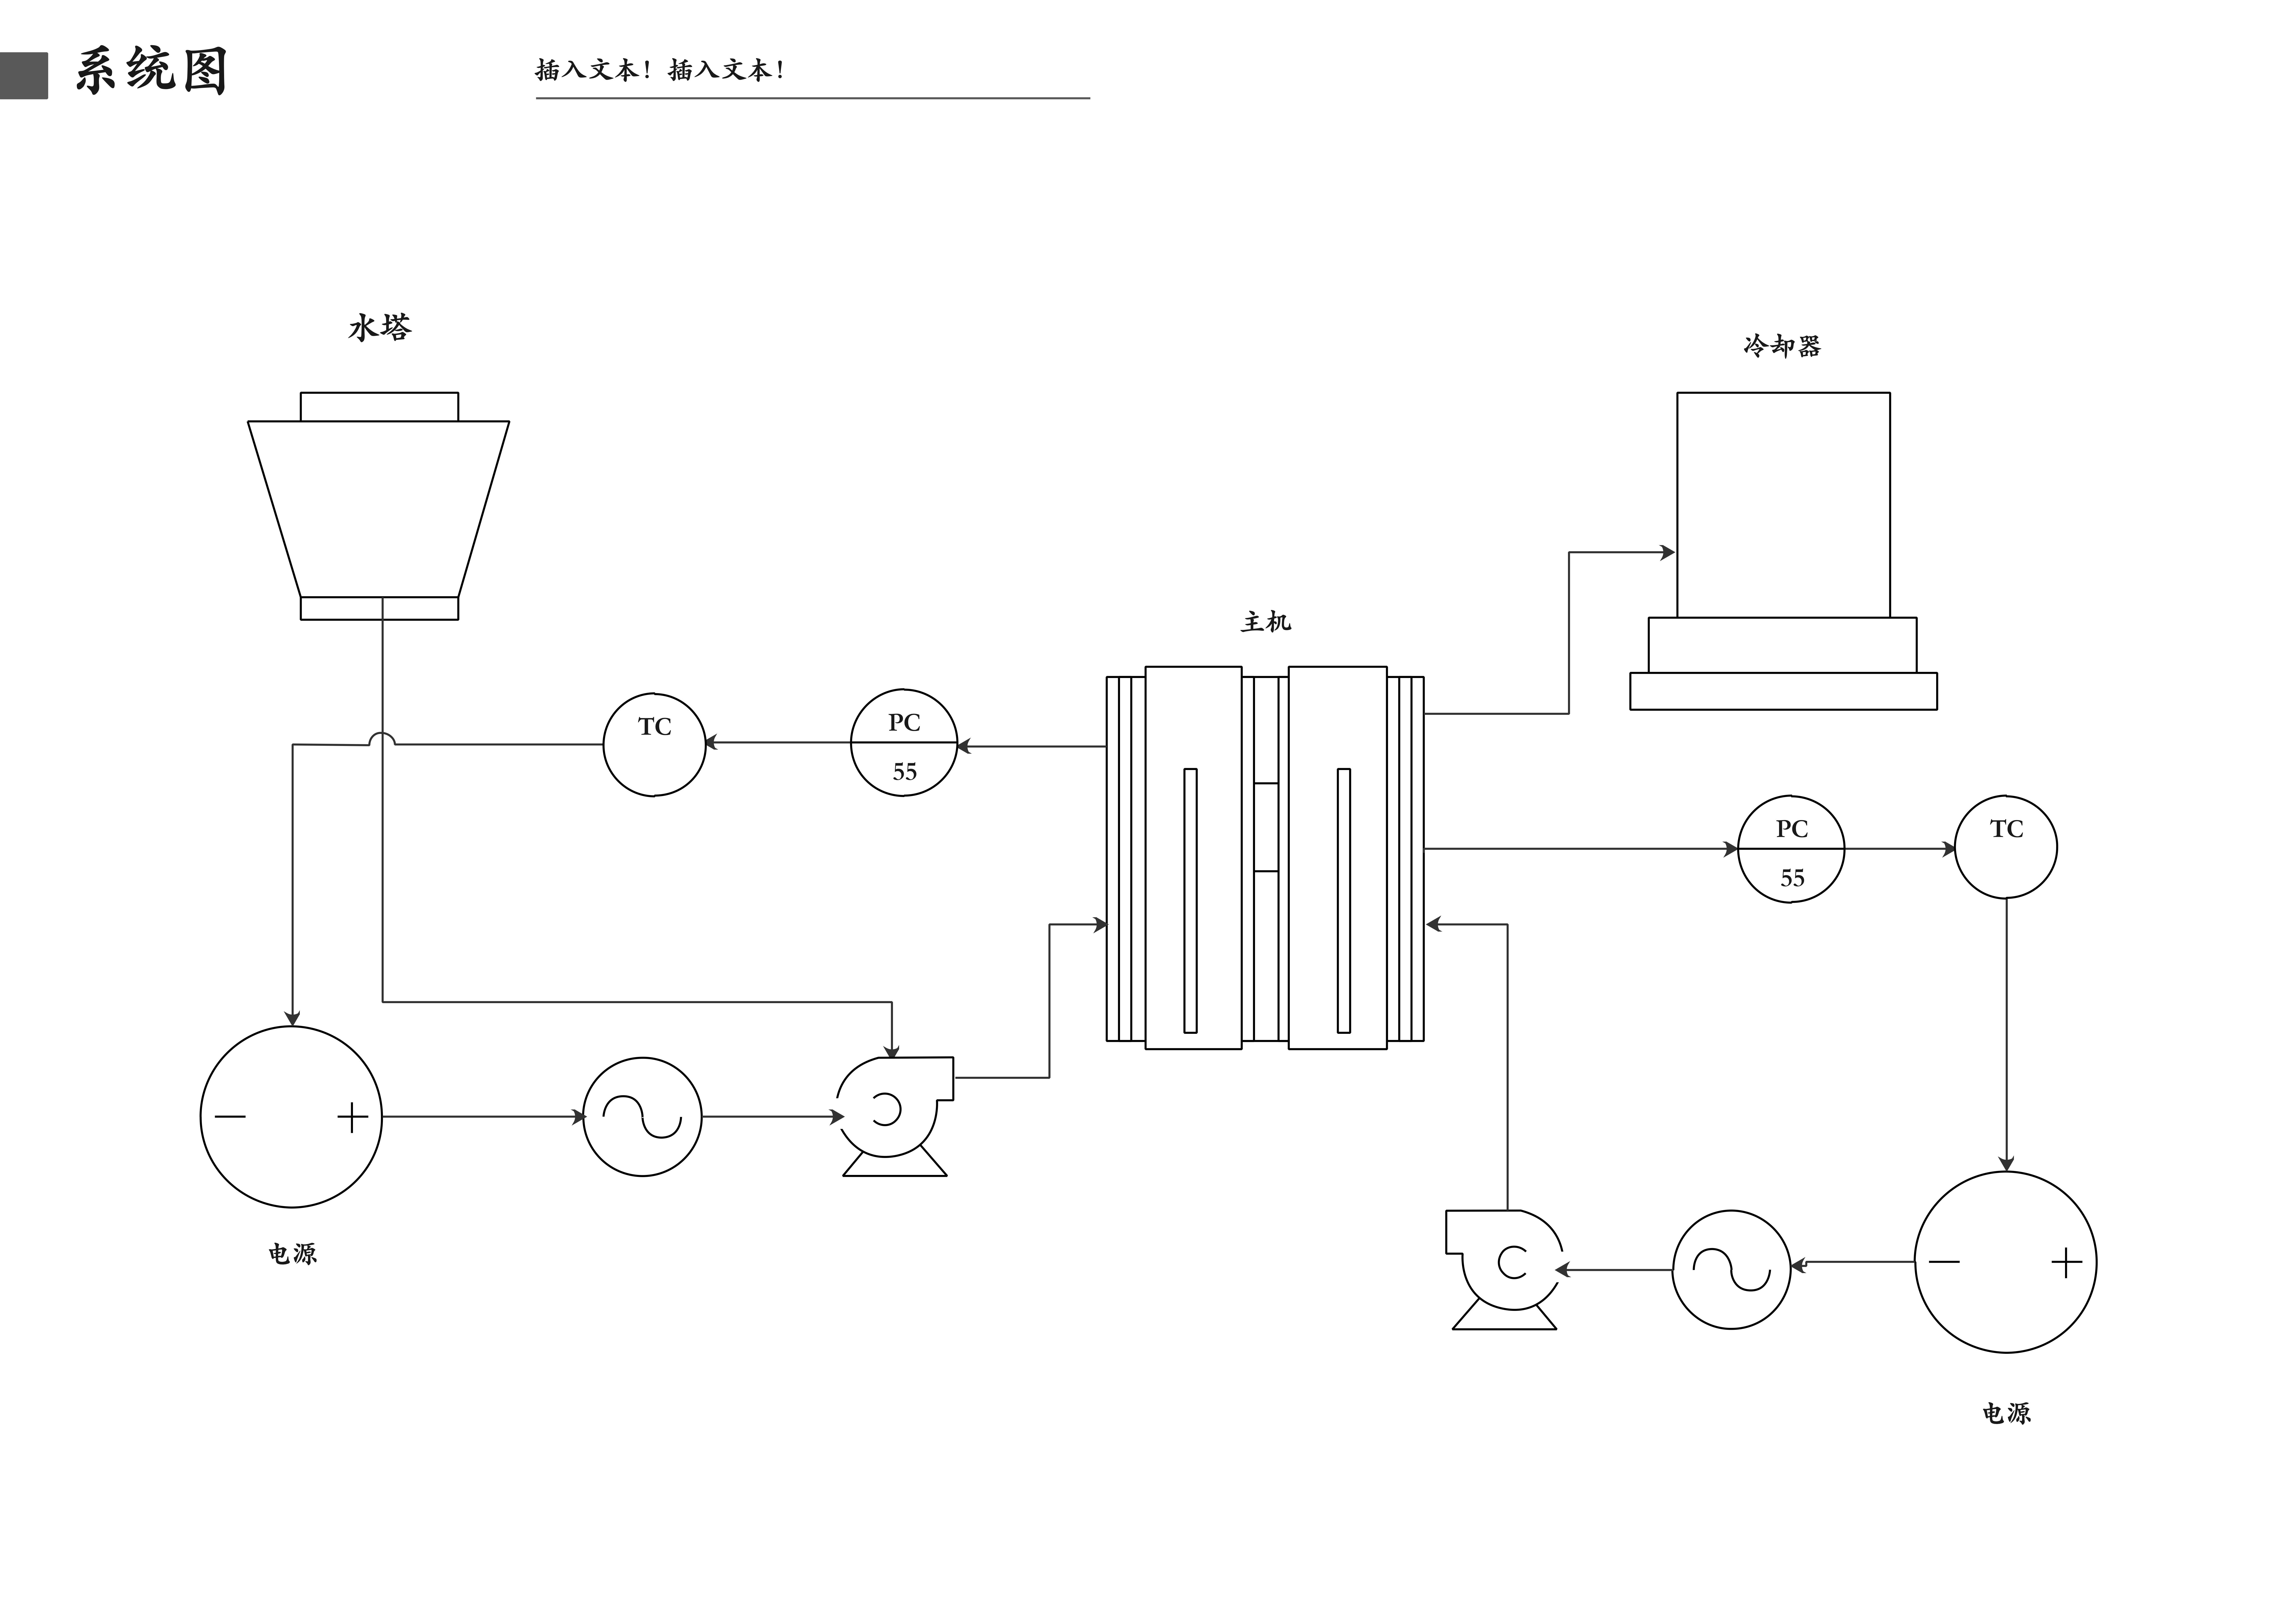 系统图图示